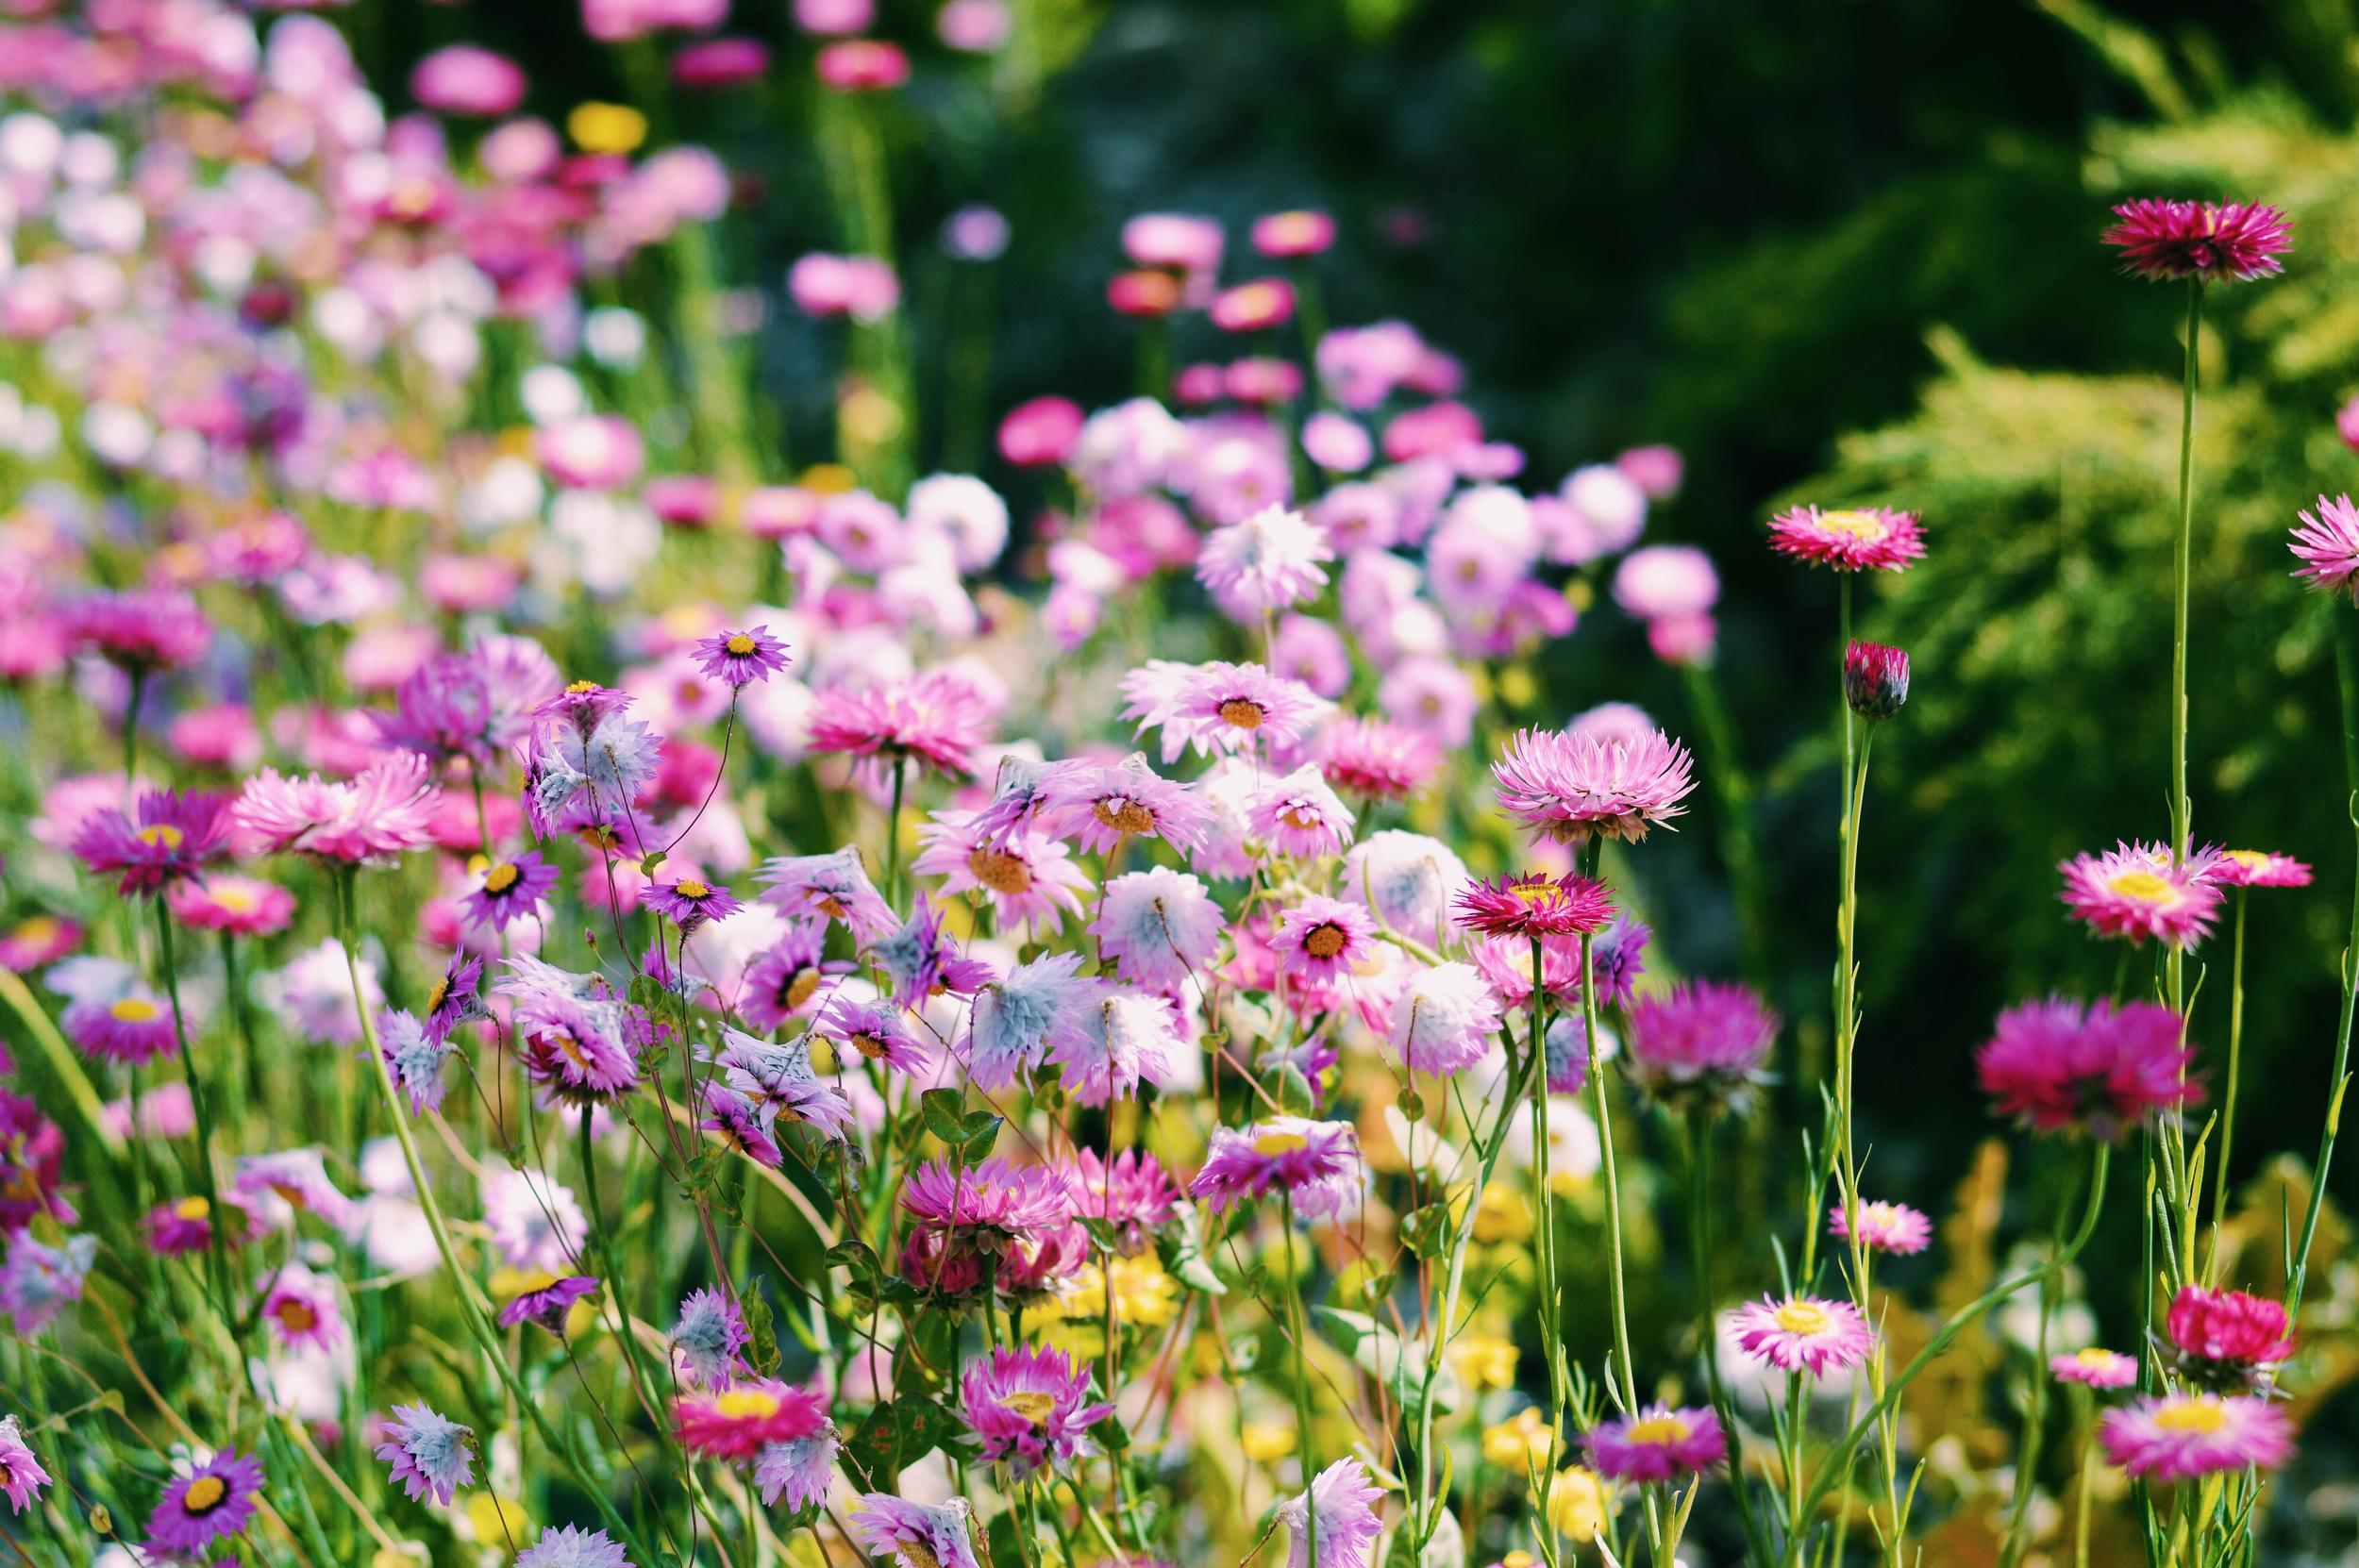 Identify flowers